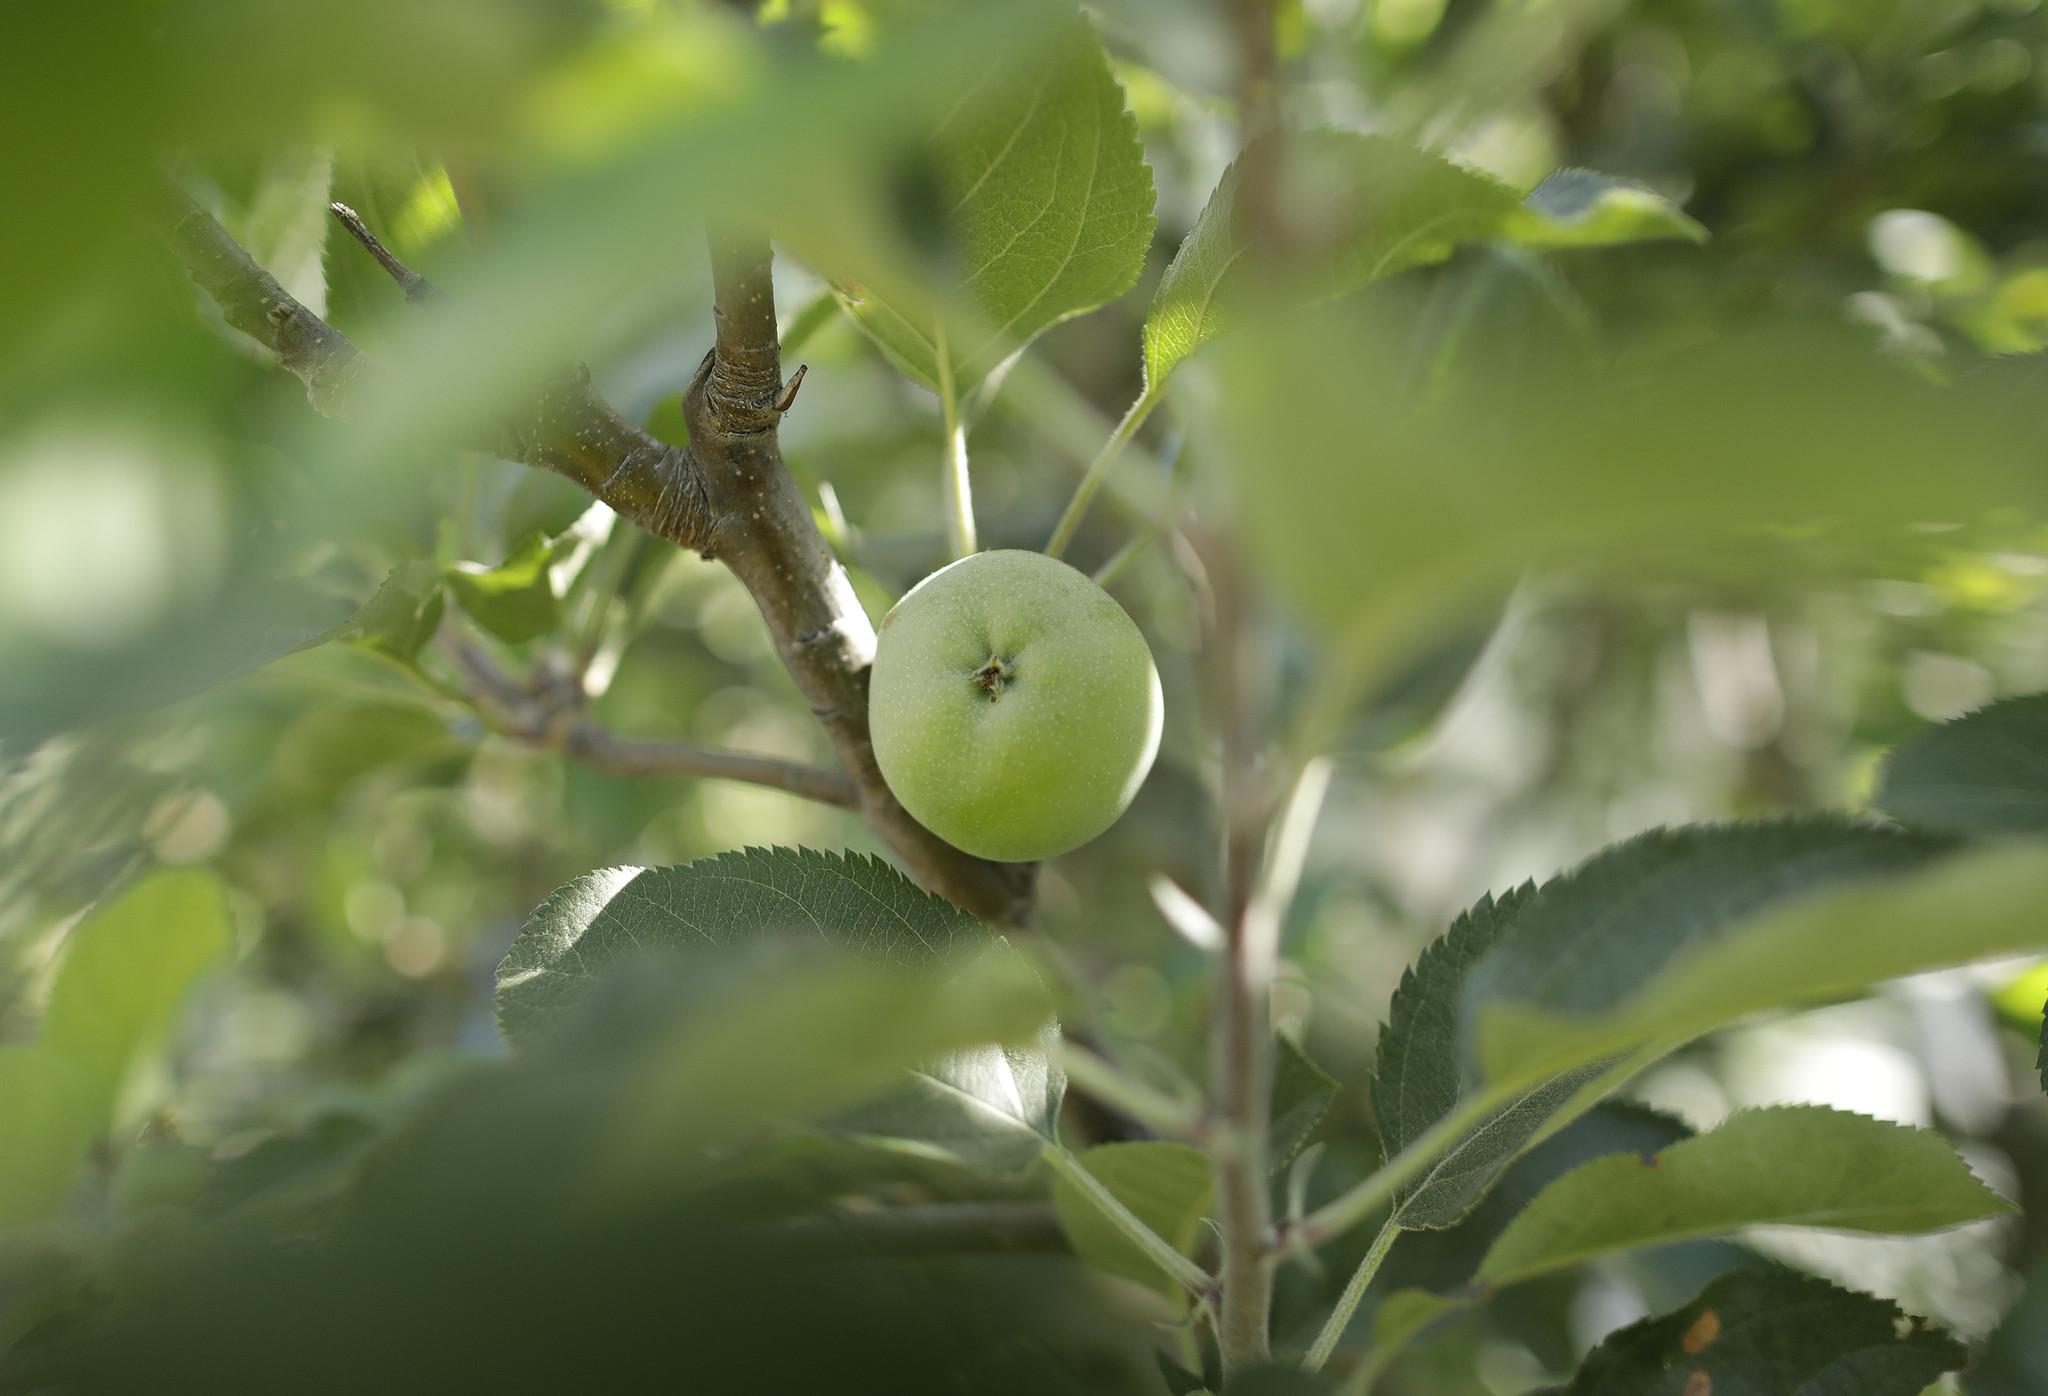 LOS ANGELES, CA -- AUGUST 16, 2018: An apple tree bears fruit at Heritage Museum in Los Angeles. Fru